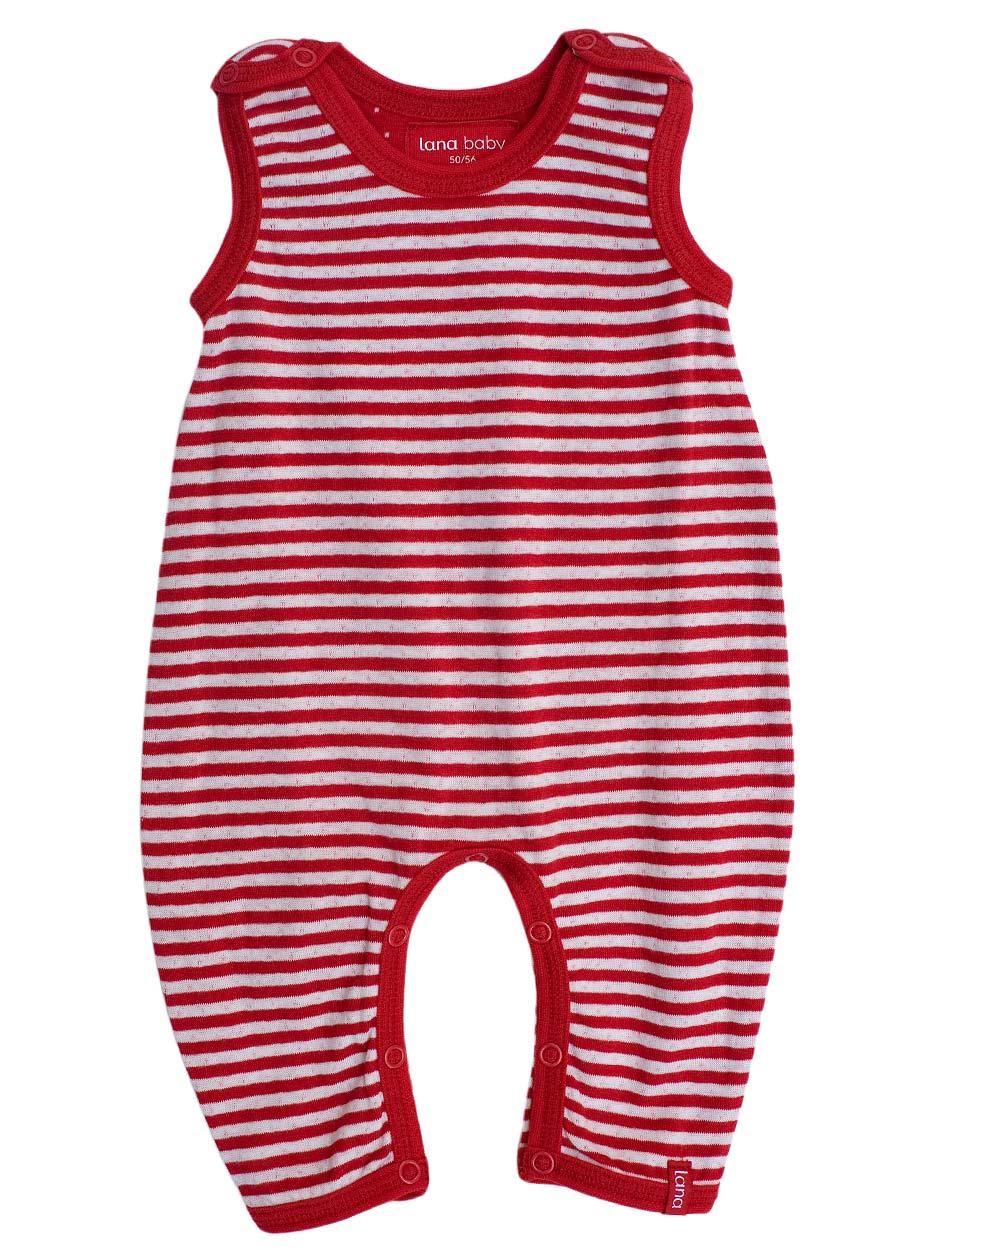 Baby Wende Strampler, Lana, 100% Baumwolle (kbA), 2 Farben